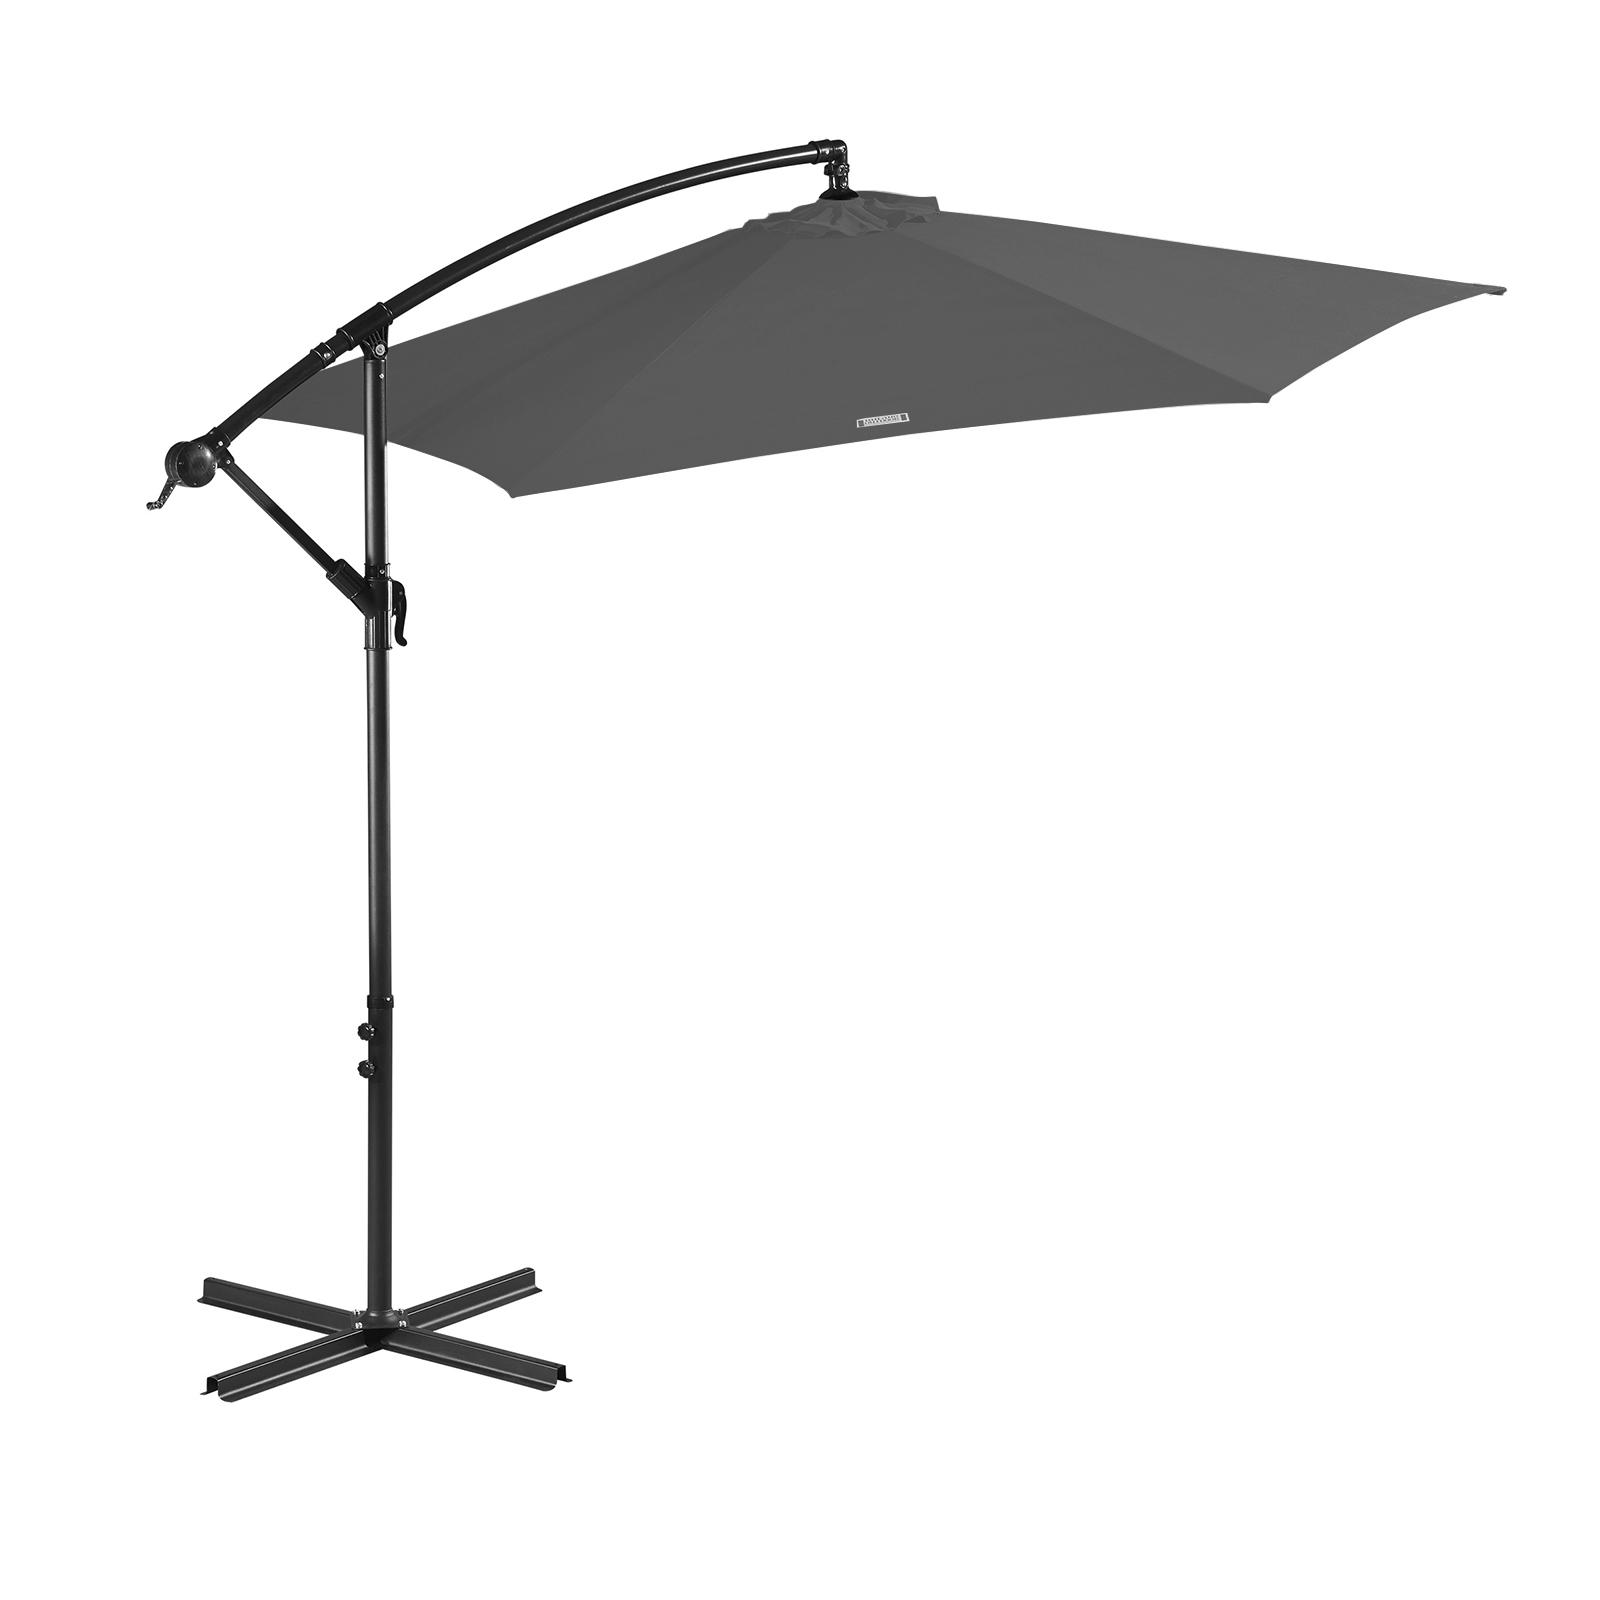 thumbnail 25 - Milano Outdoor 3 Metre Cantilever Umbrella UV Sunshade Garden Patio Deck